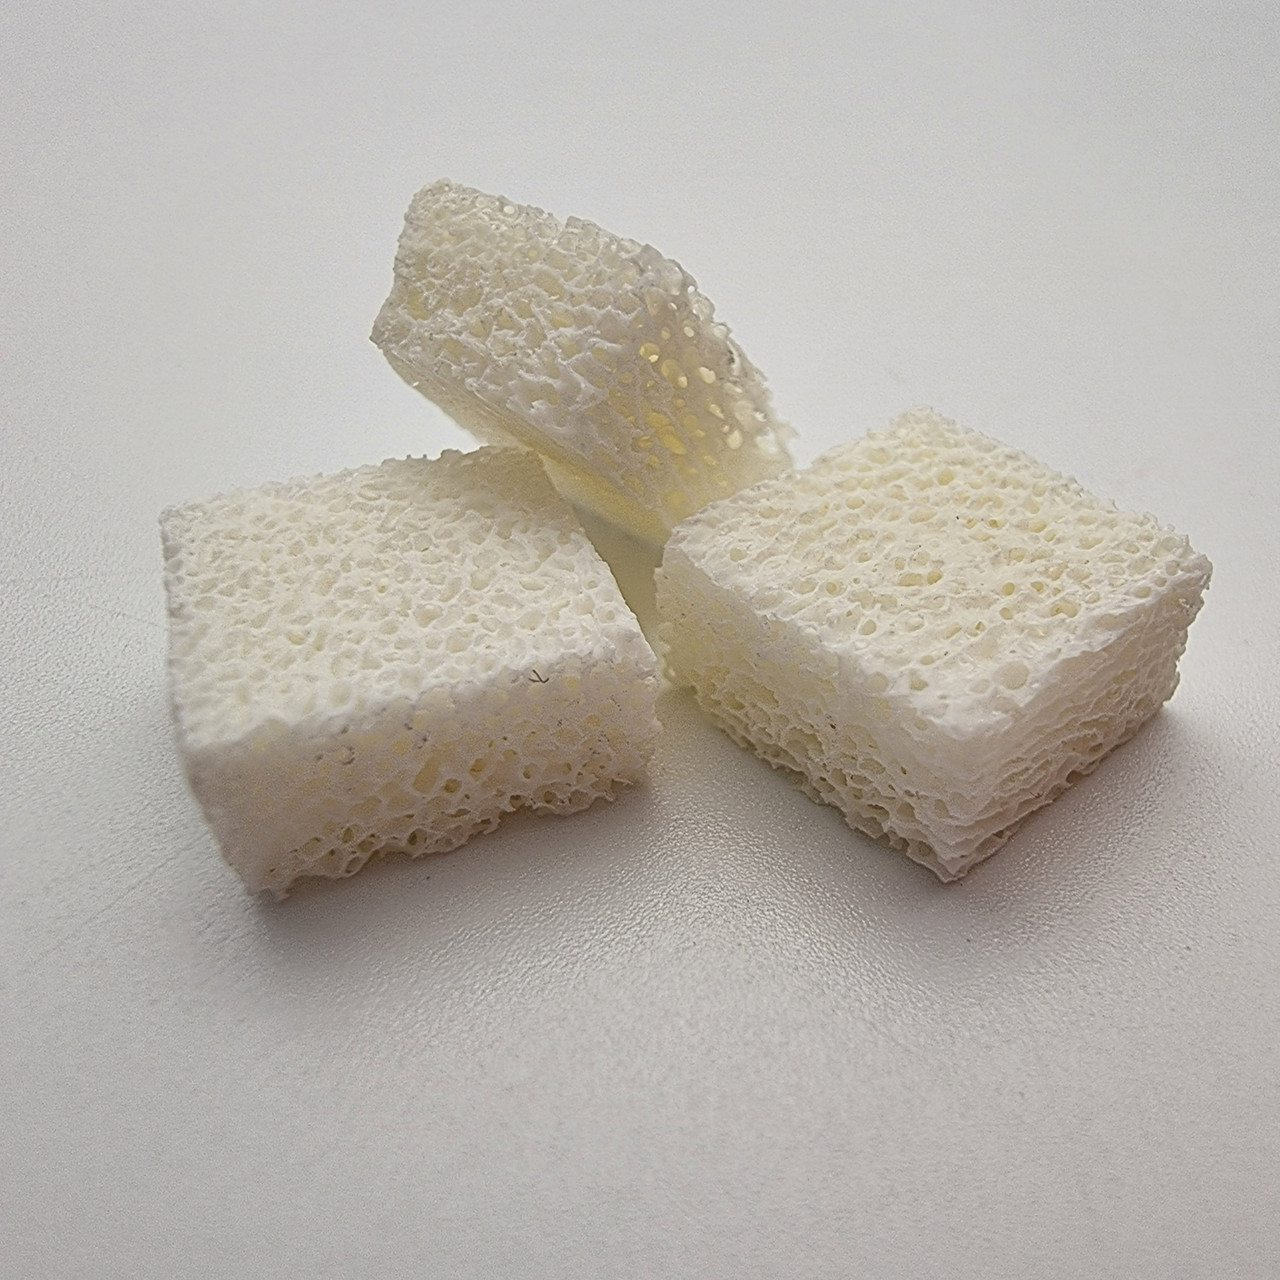 Остеоматрикс блок 10х20х20мм об'єм 4,0см3